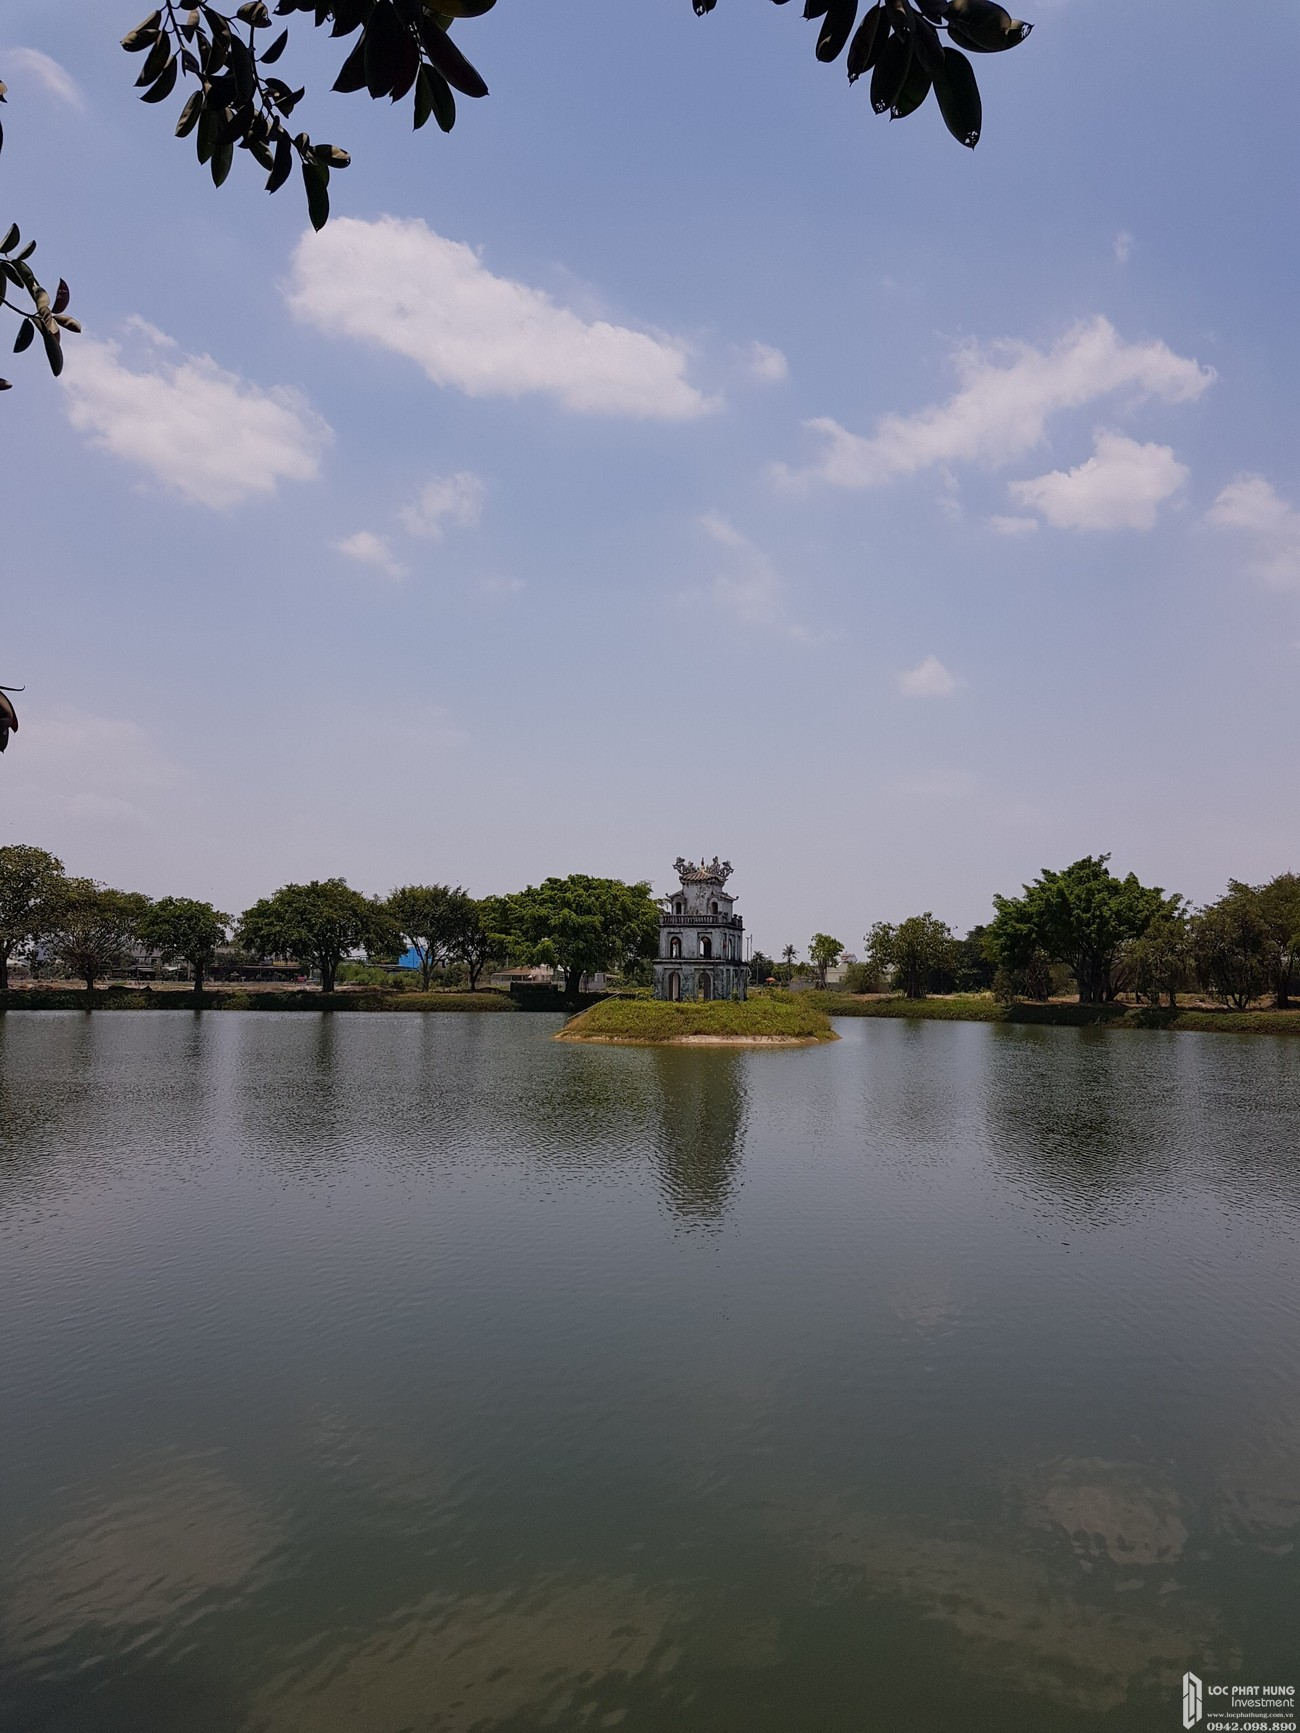 Phối cảnh tổng thể dự án căn hộ chung cư Hồ Gươm Xanh Thuận An City Thuận An Đường 136 ĐL Bình Dương chủ đầu tư TBS Land